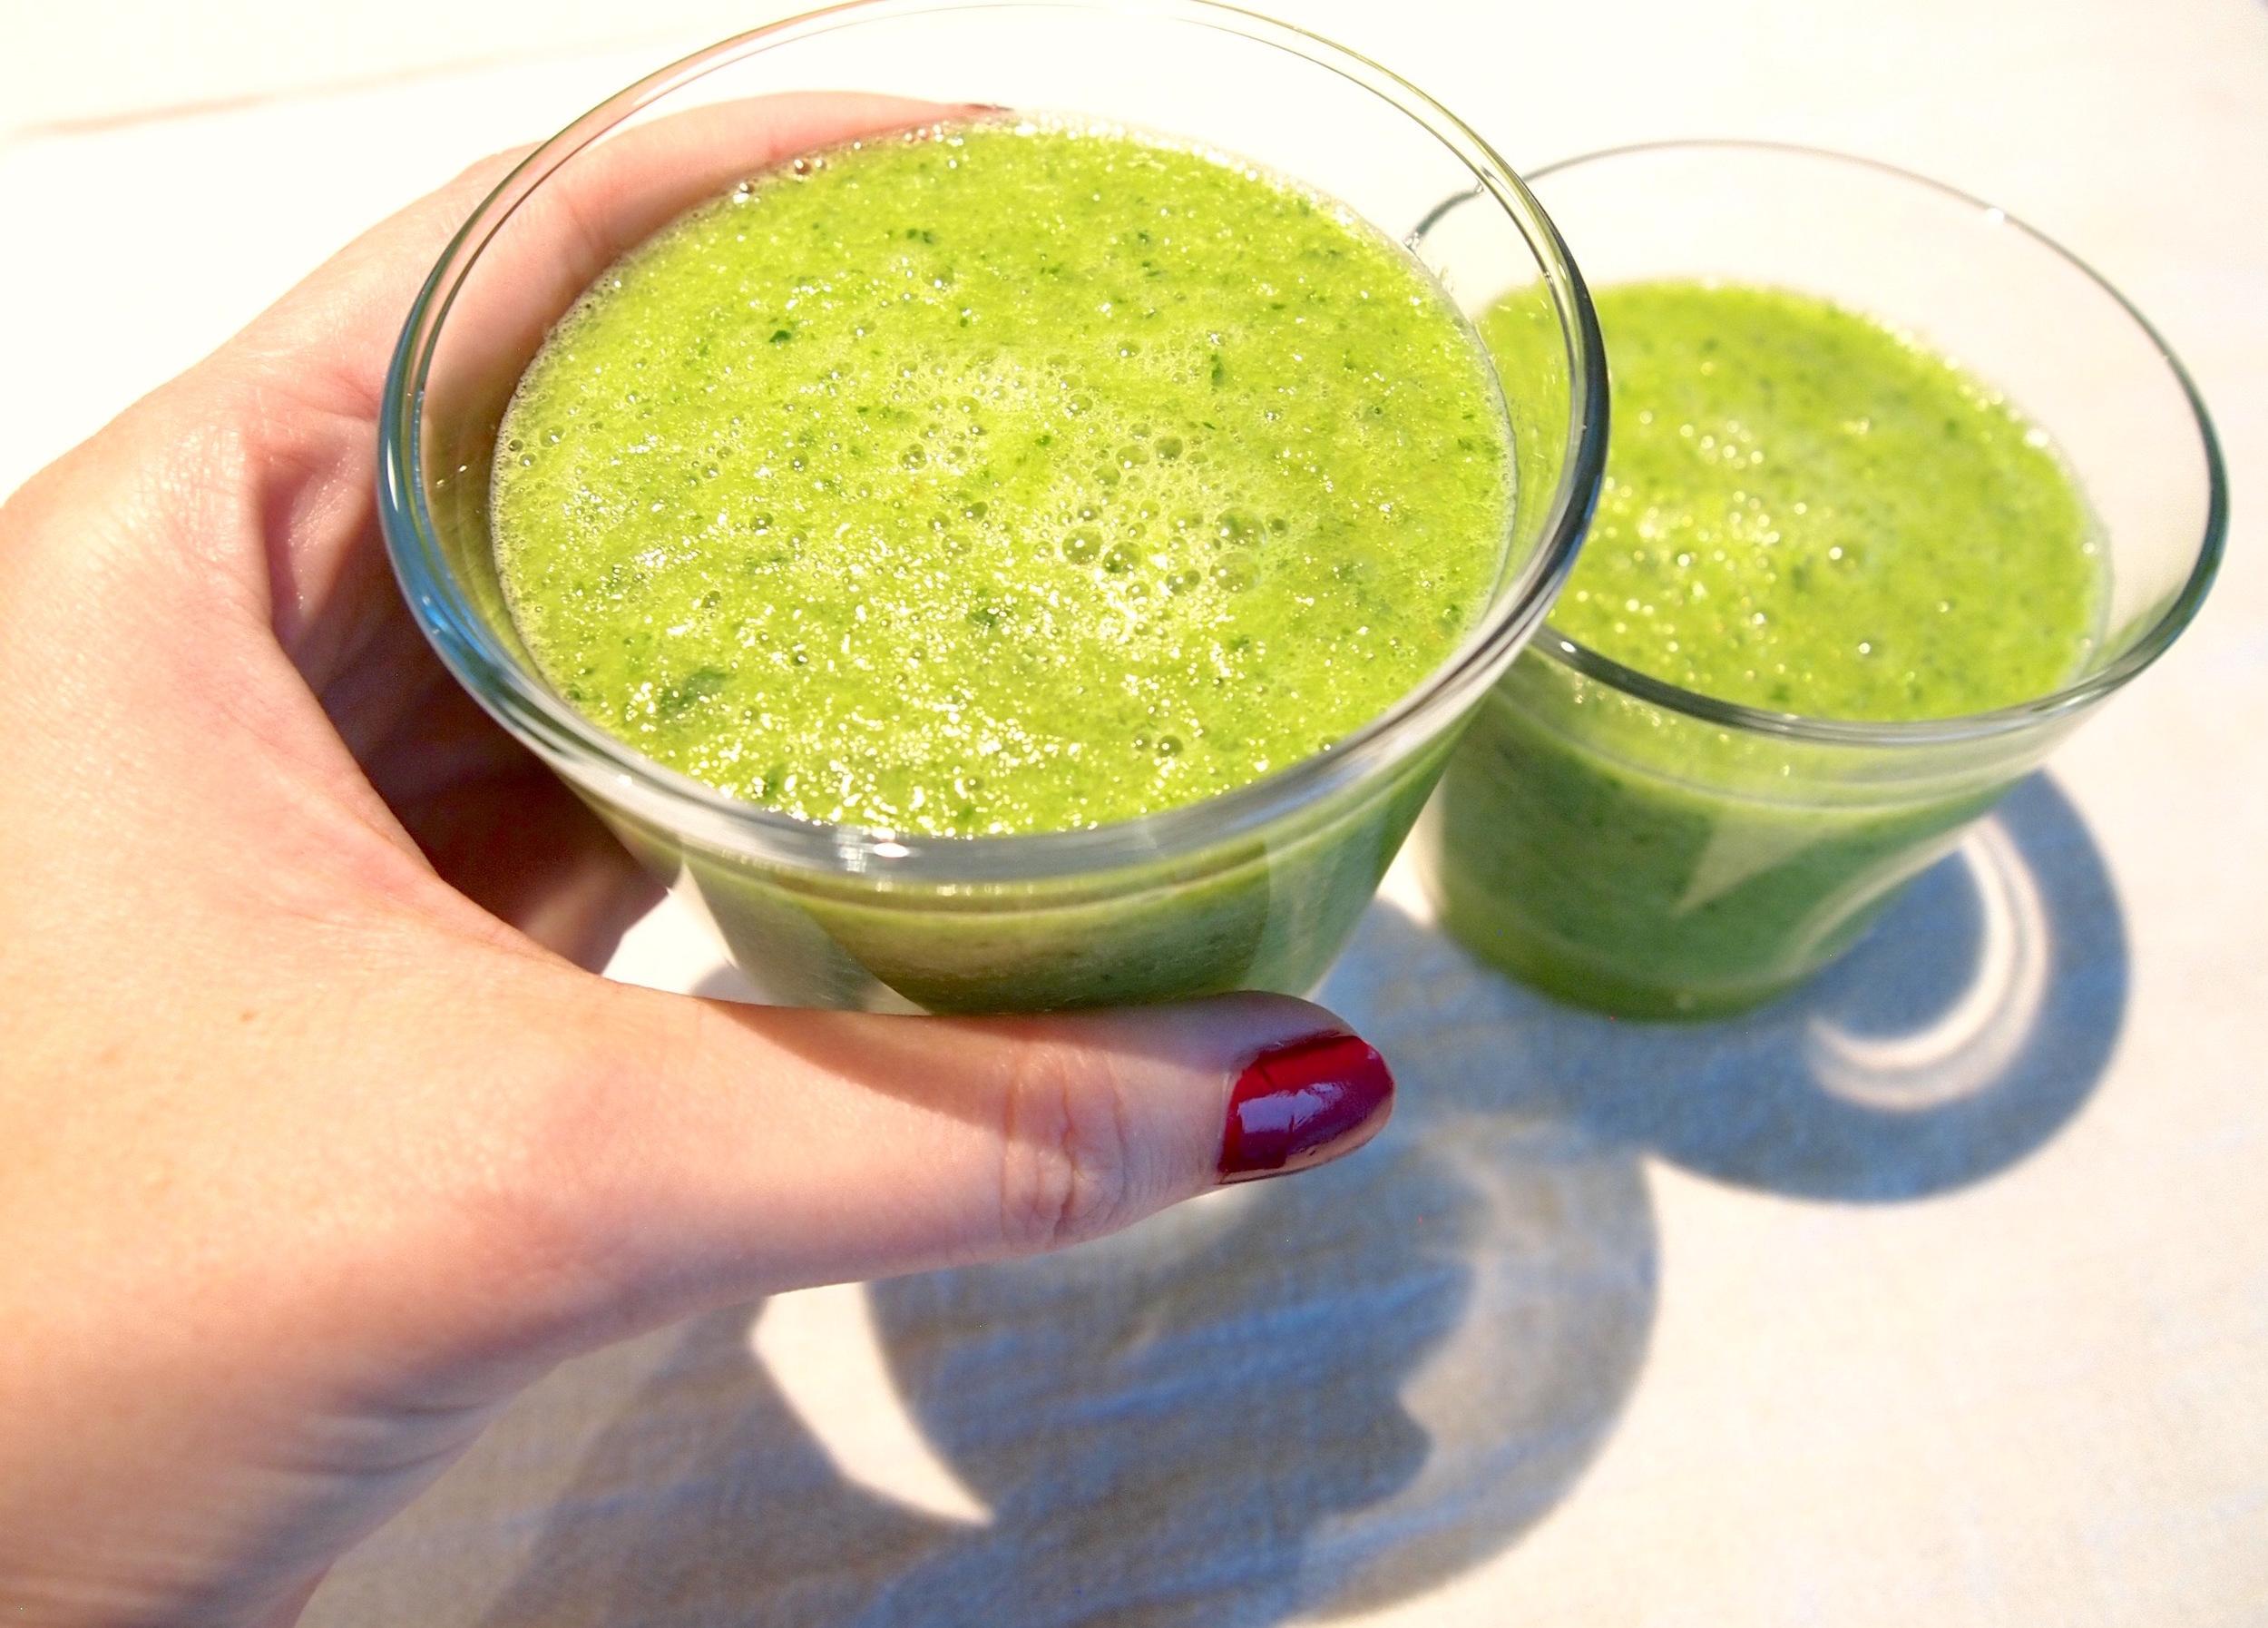 jugo verde in a cup